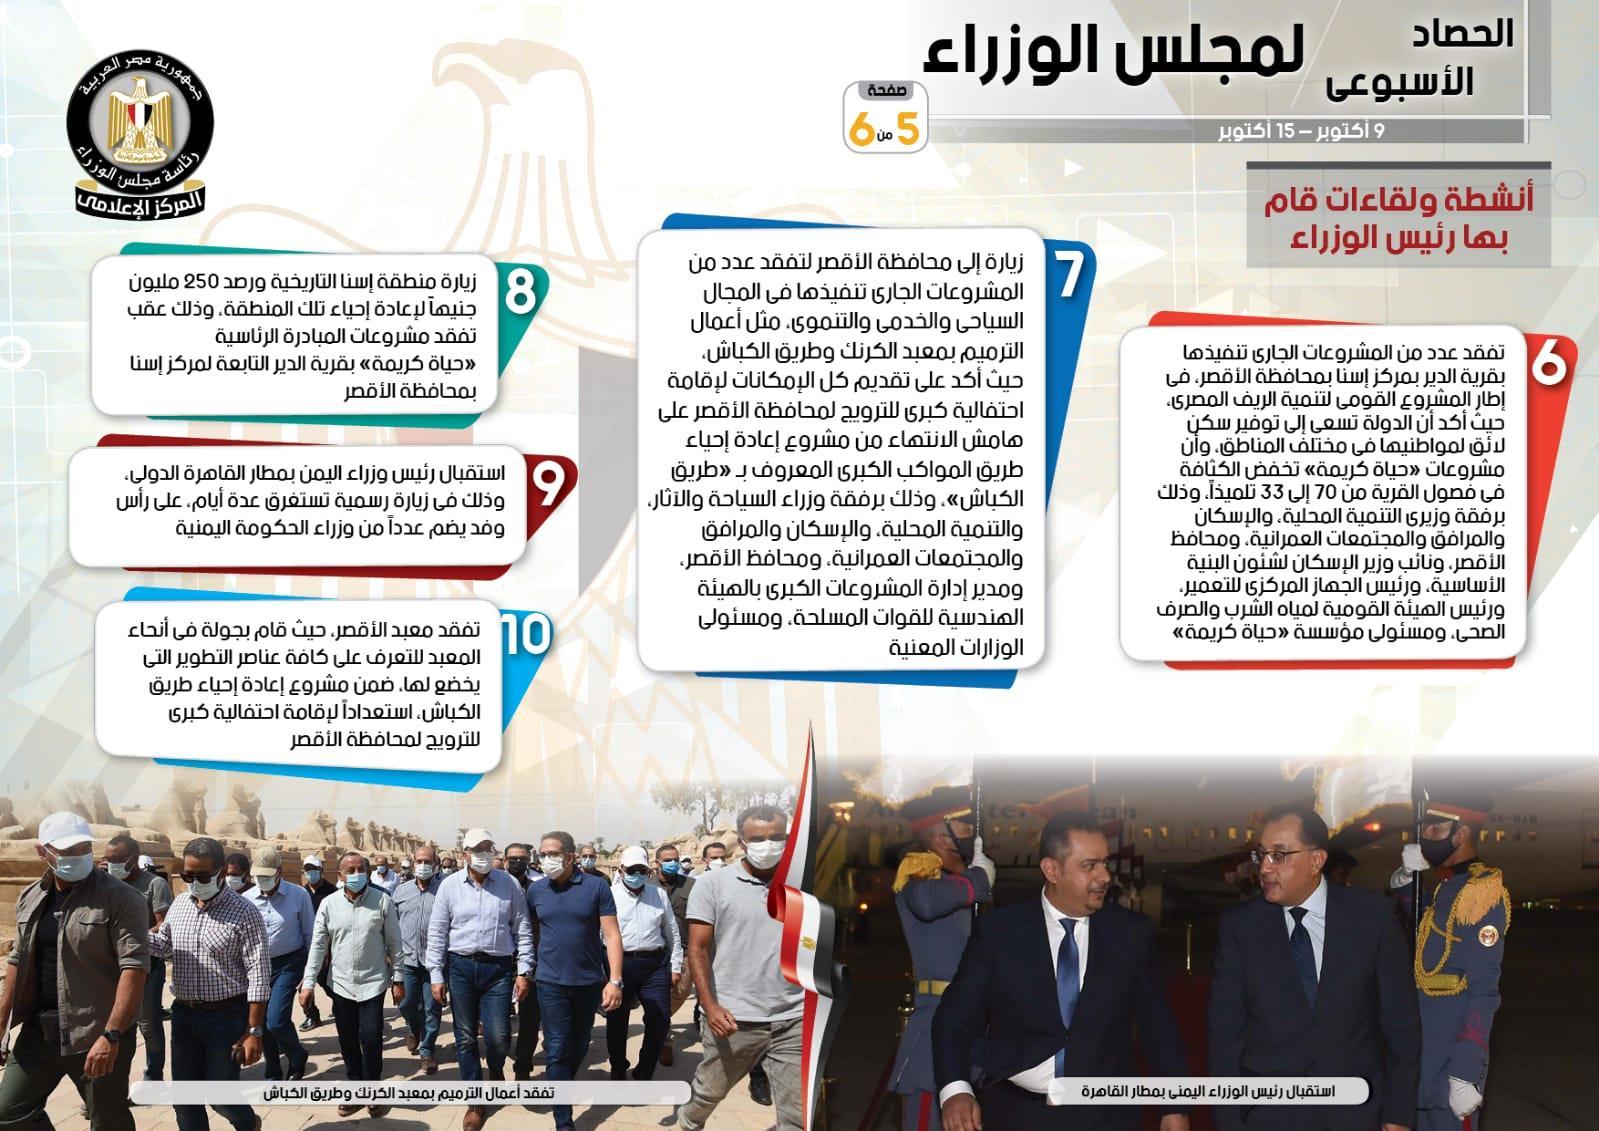 الحصاد الأسبوعي لمجلس الوزراء خلال الفترة من 9 حتى 15 أكتوبر2021